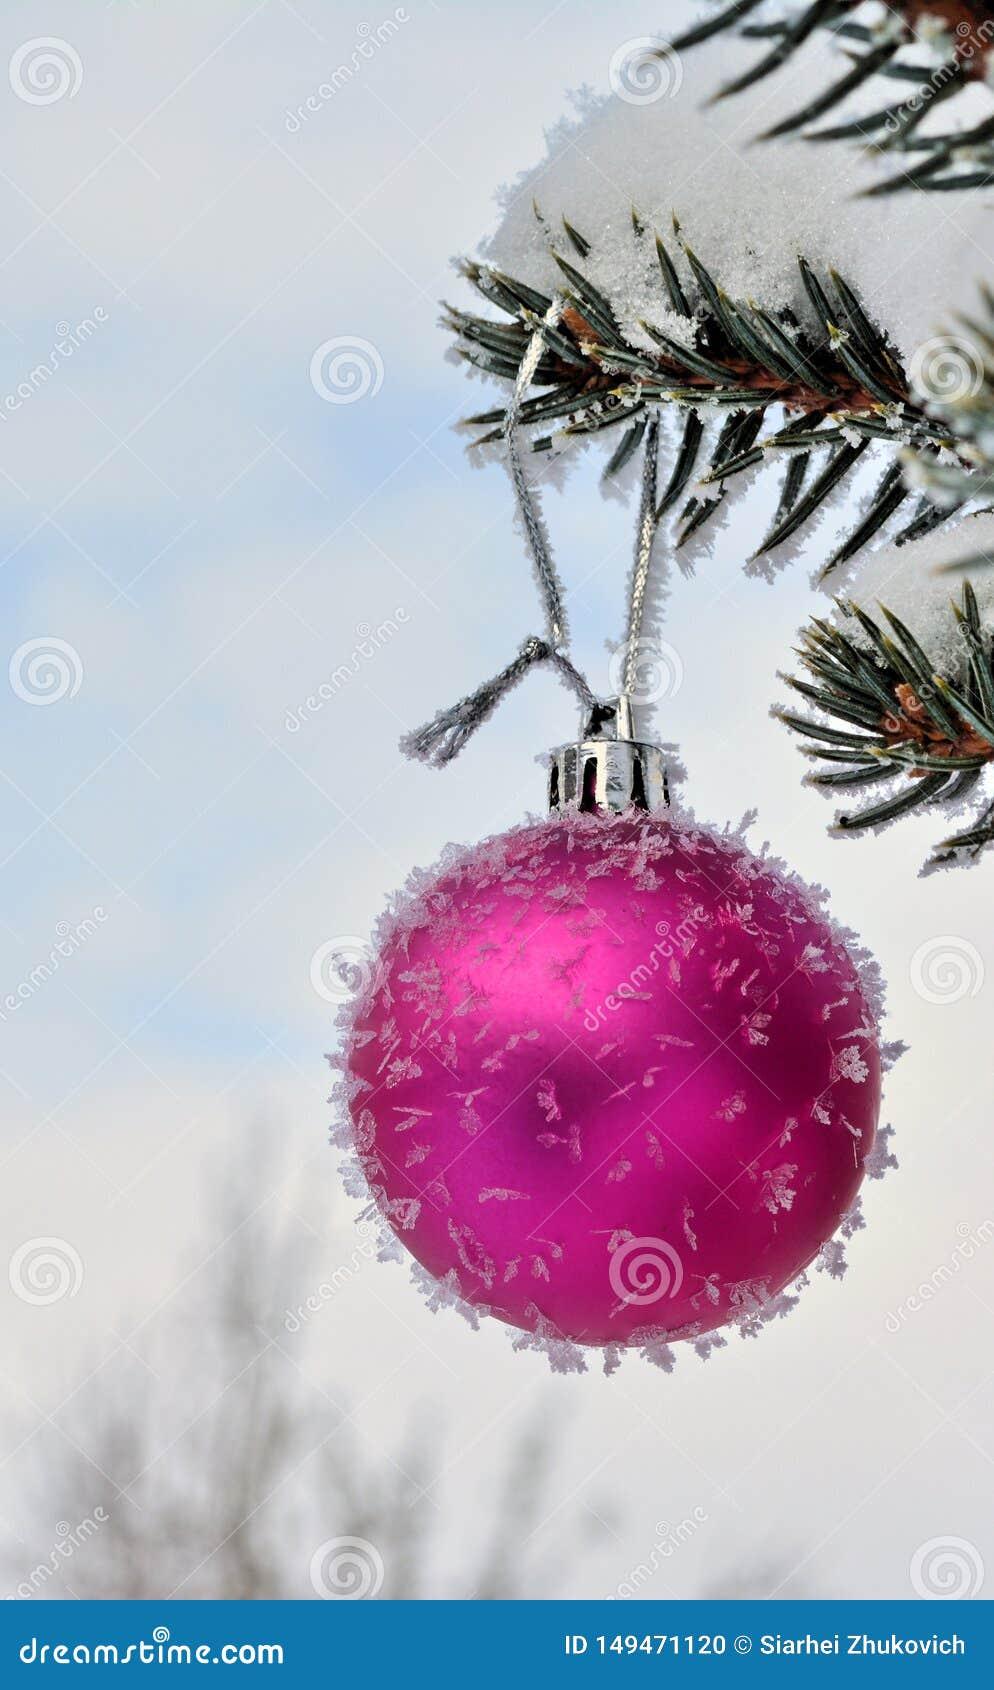 Розовый шарик Нового Года на ели в реальном маштабе времени с заморозком и снегом